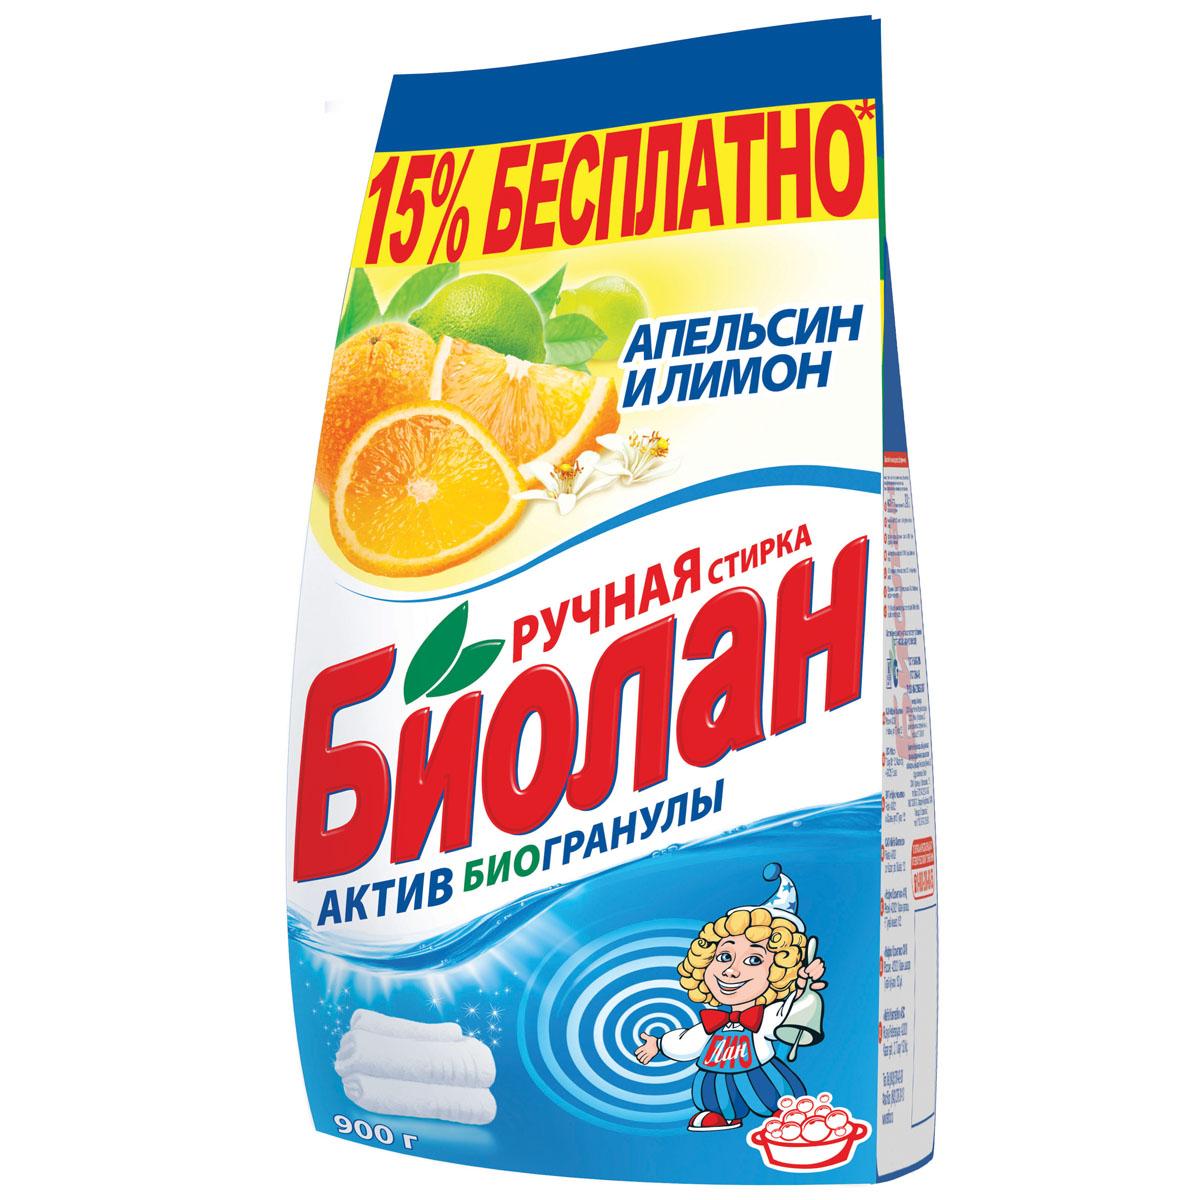 Стиральный порошок Биолан Апельсин и лимон, 900 г52-4Стиральный порошок Биолан Апельсин и лимон предназначен для стирки, замачивания изделий из хлопчатобумажных, льняных, синтетических тканей, а также тканей из смешанных волокон в стиральных машинах активаторного типа и ручной стирки, для влажной уборки помещений и мытья загрязненных поверхностей из пластика и кафеля. Порошок не предназначен для стирки изделий из шерсти и натурального шелка. Характеристики: Вес: 900 г. Артикул: 52-4. Товар сертифицирован.